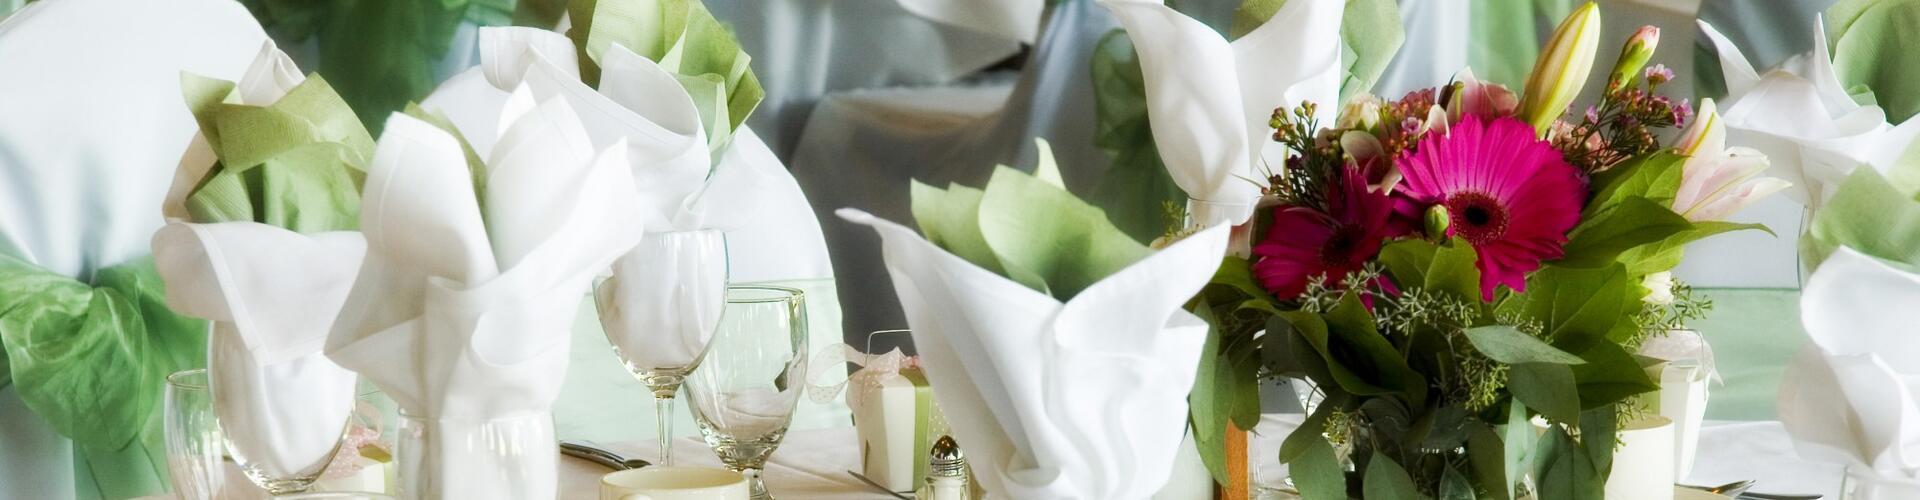 Promozione prova menù nuziale in regalo per gli sposi e visita alle sale da ricevimento